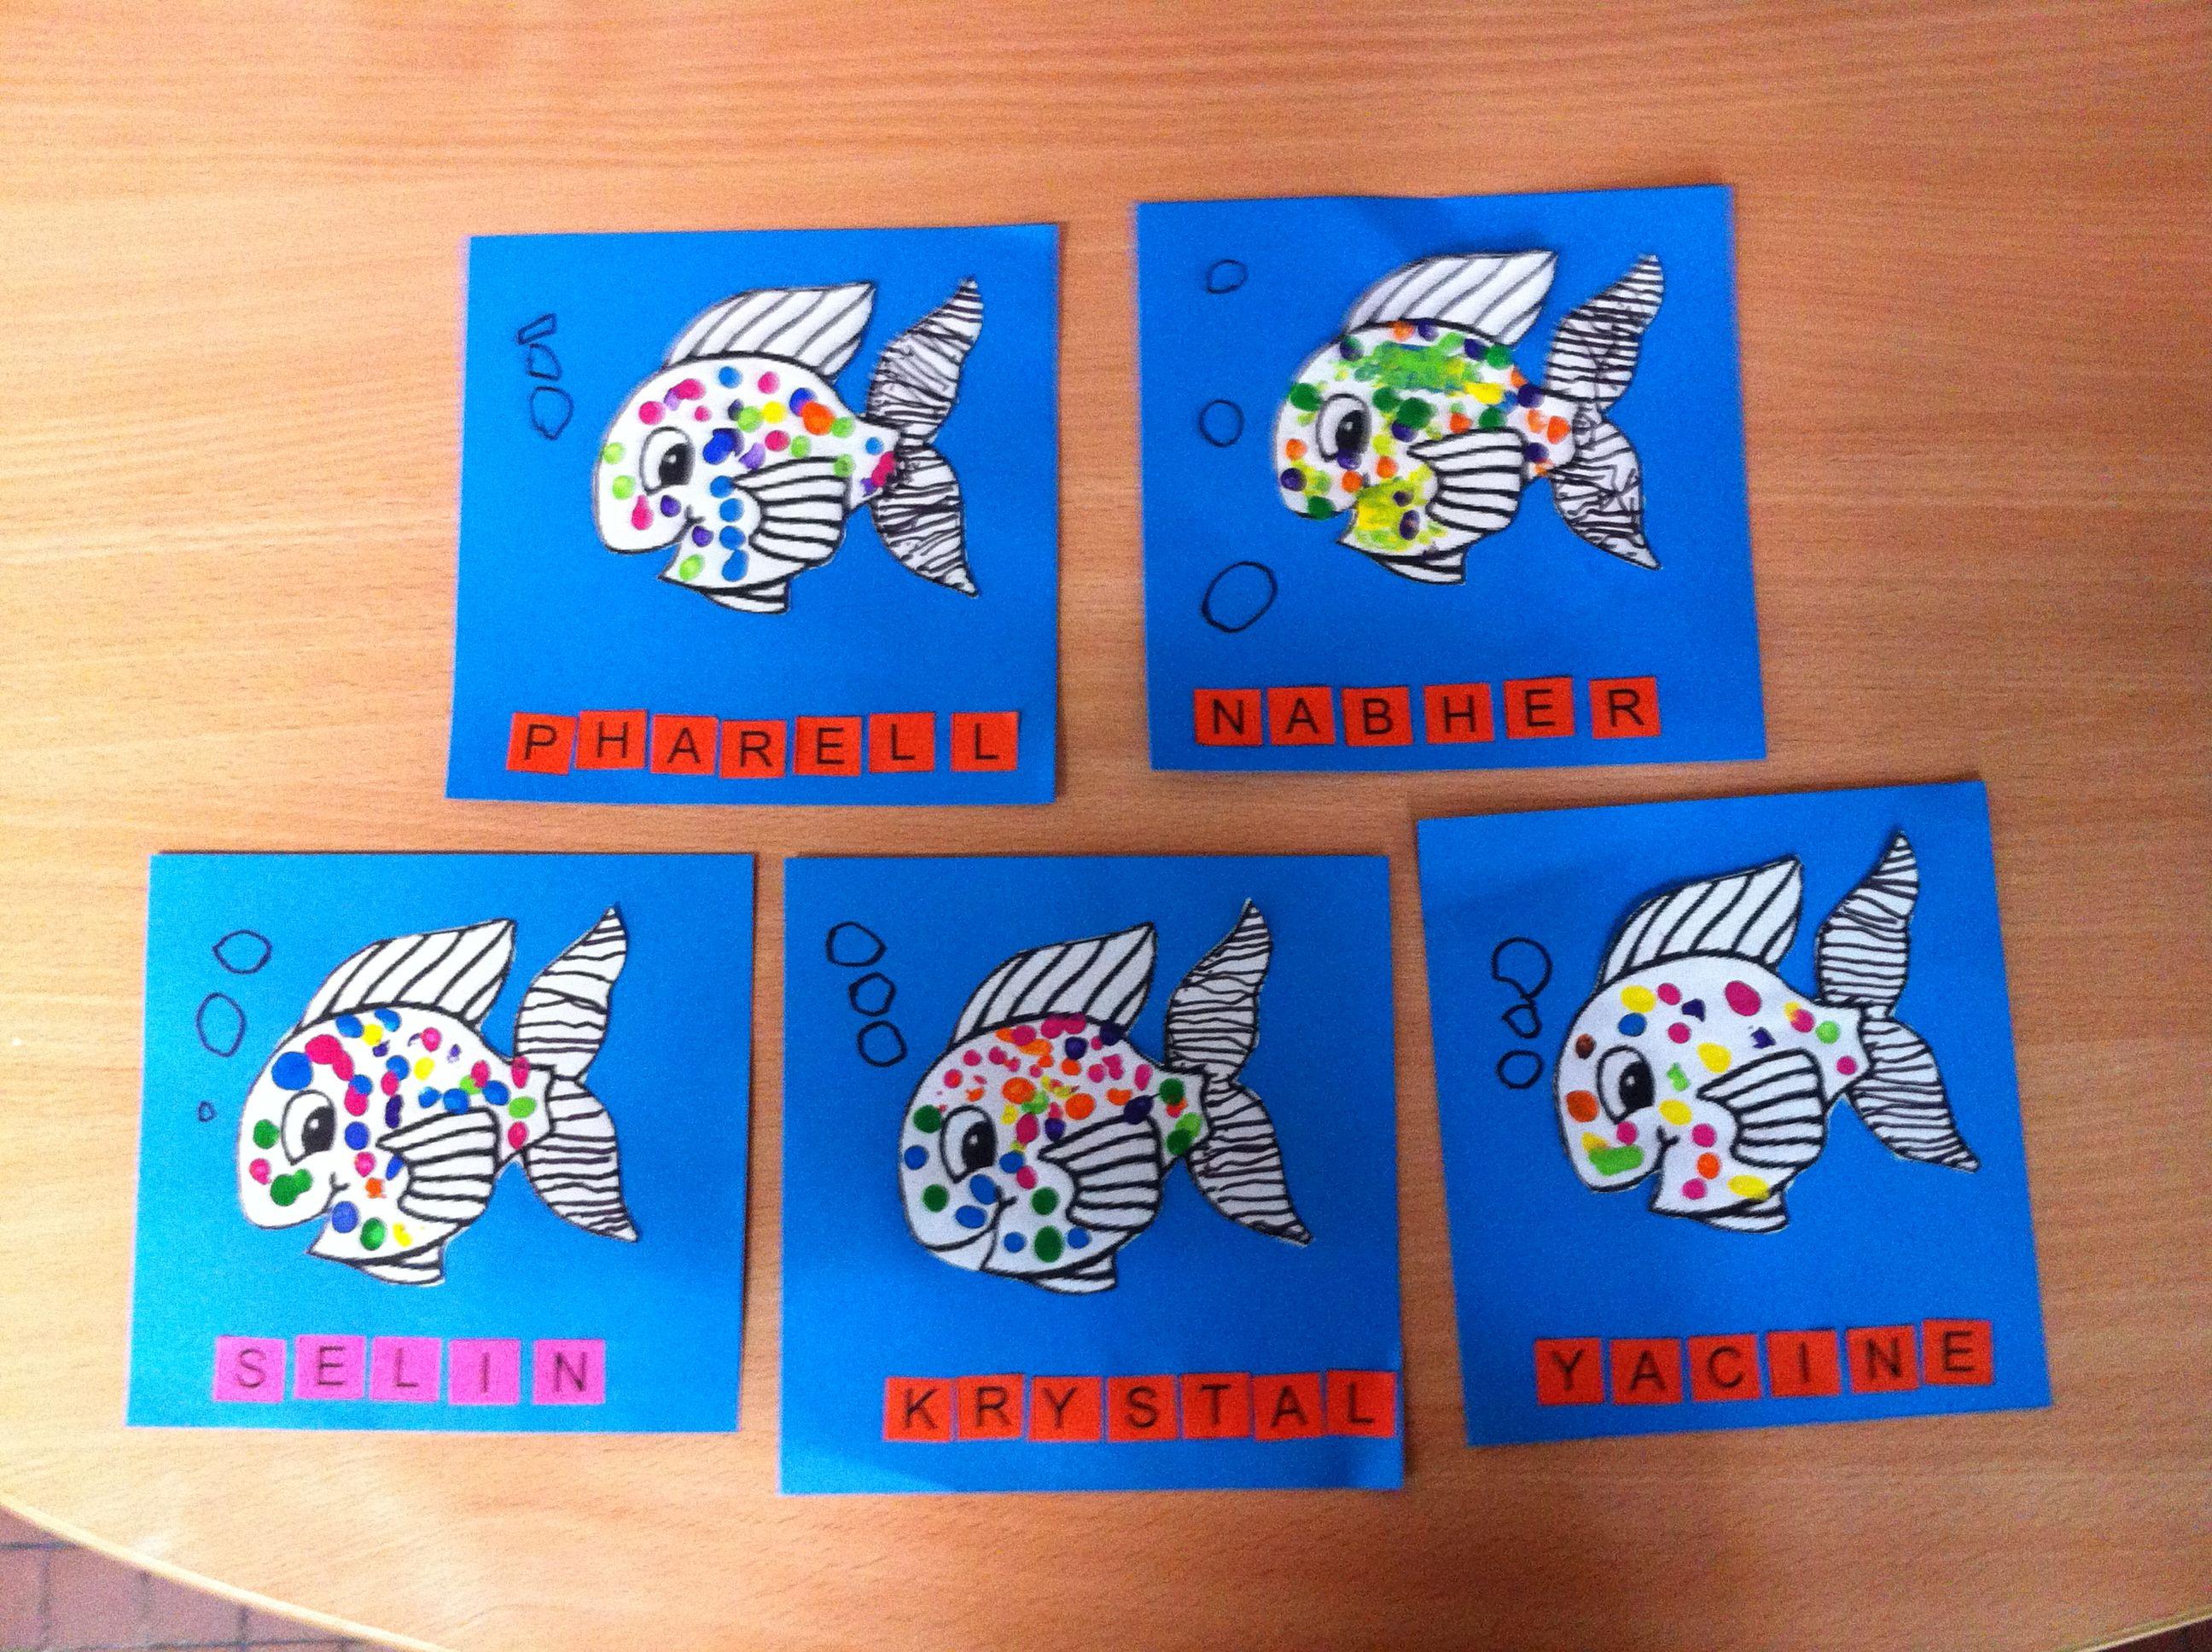 Etiquettes PoissonsEtiquette Porte Manteaux Manteau Etiquettes USMpzV